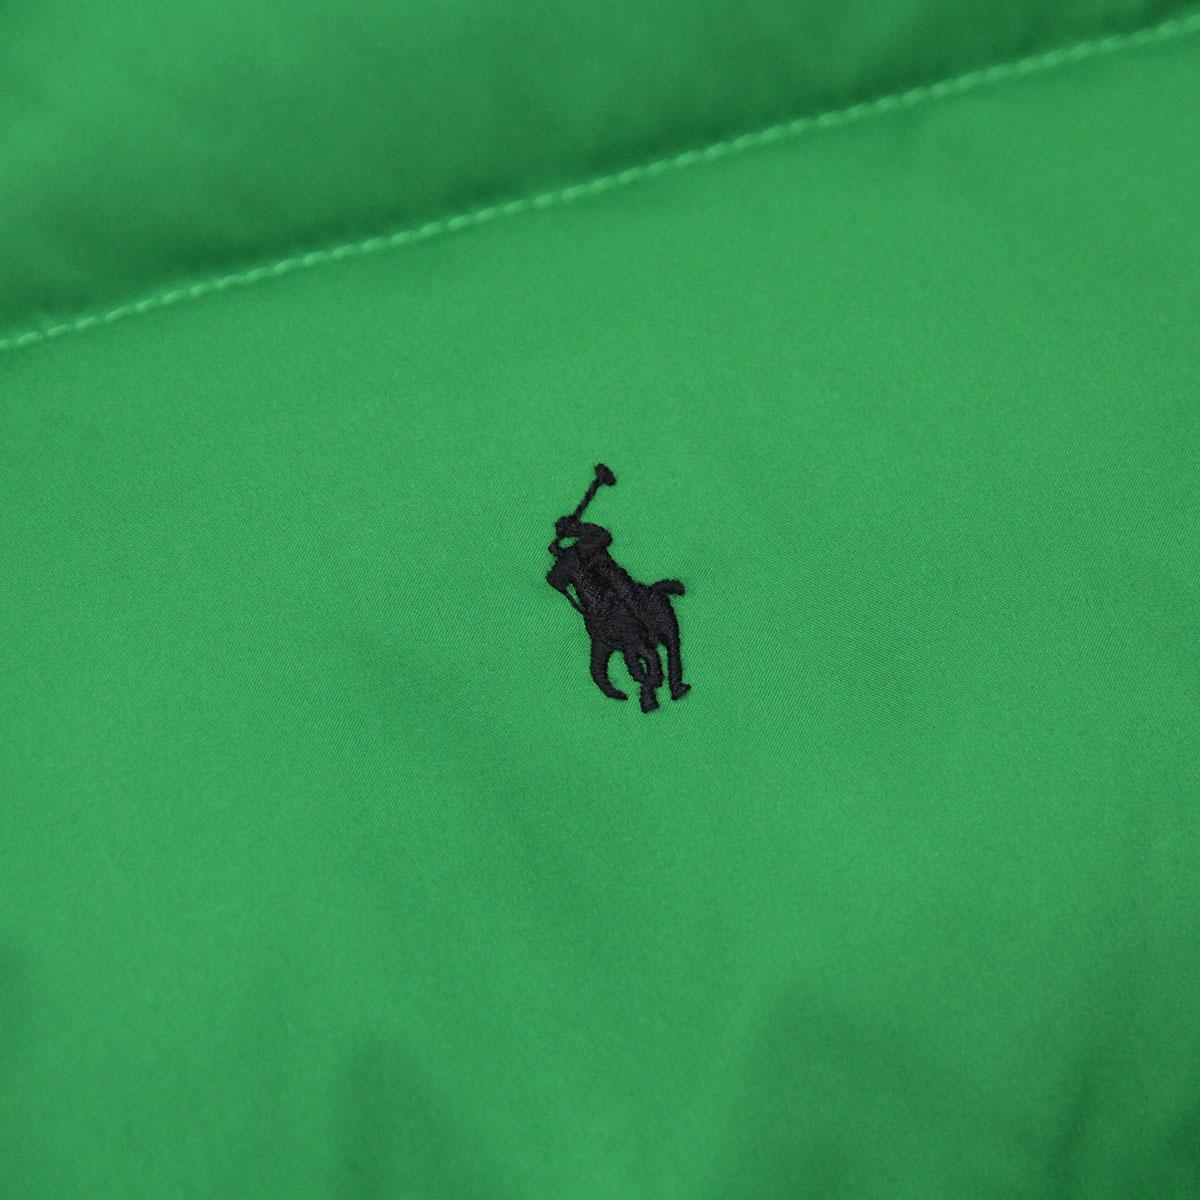 ポロ ラルフローレン キッズ POLO RALPH LAUREN CHILDREN 正規品 子供服 ボーイズ リバーシブルダウンベスト Varsity Reversible Down Vest #22358316 GREEN A63B B5C C1D D4E E08F